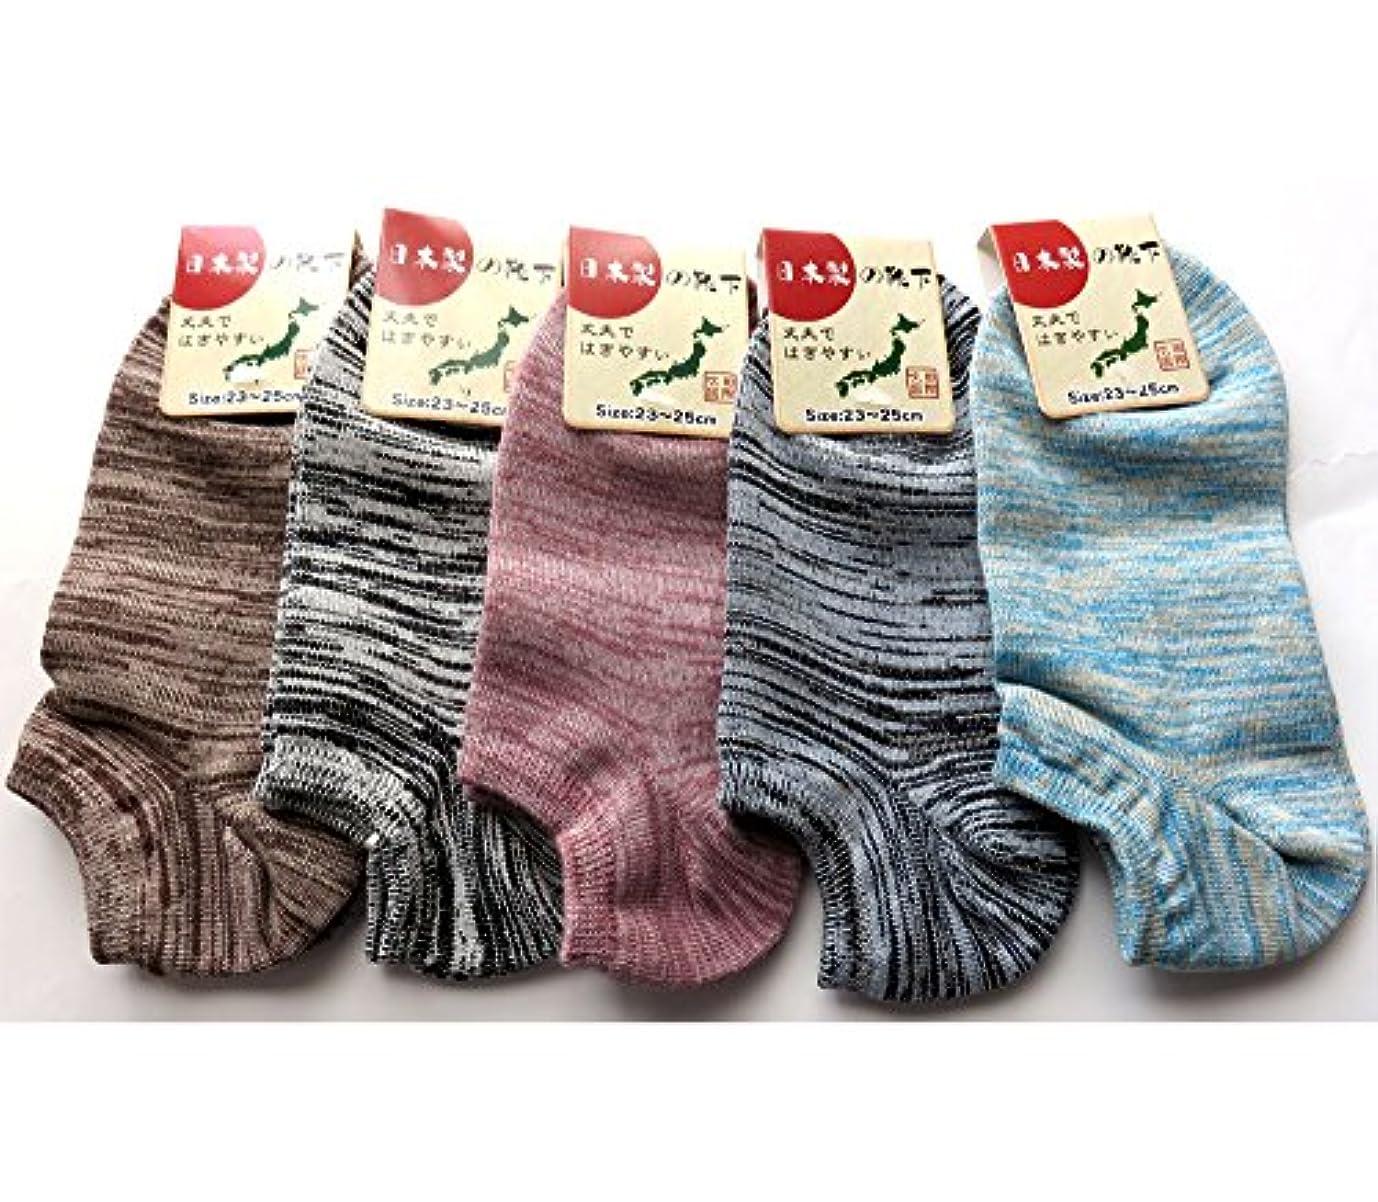 冊子荷物マーガレットミッチェル日本製 ソックス レディース 綿混 引き揃え杢調 23-25cm 5色組(カラーはお任せ)